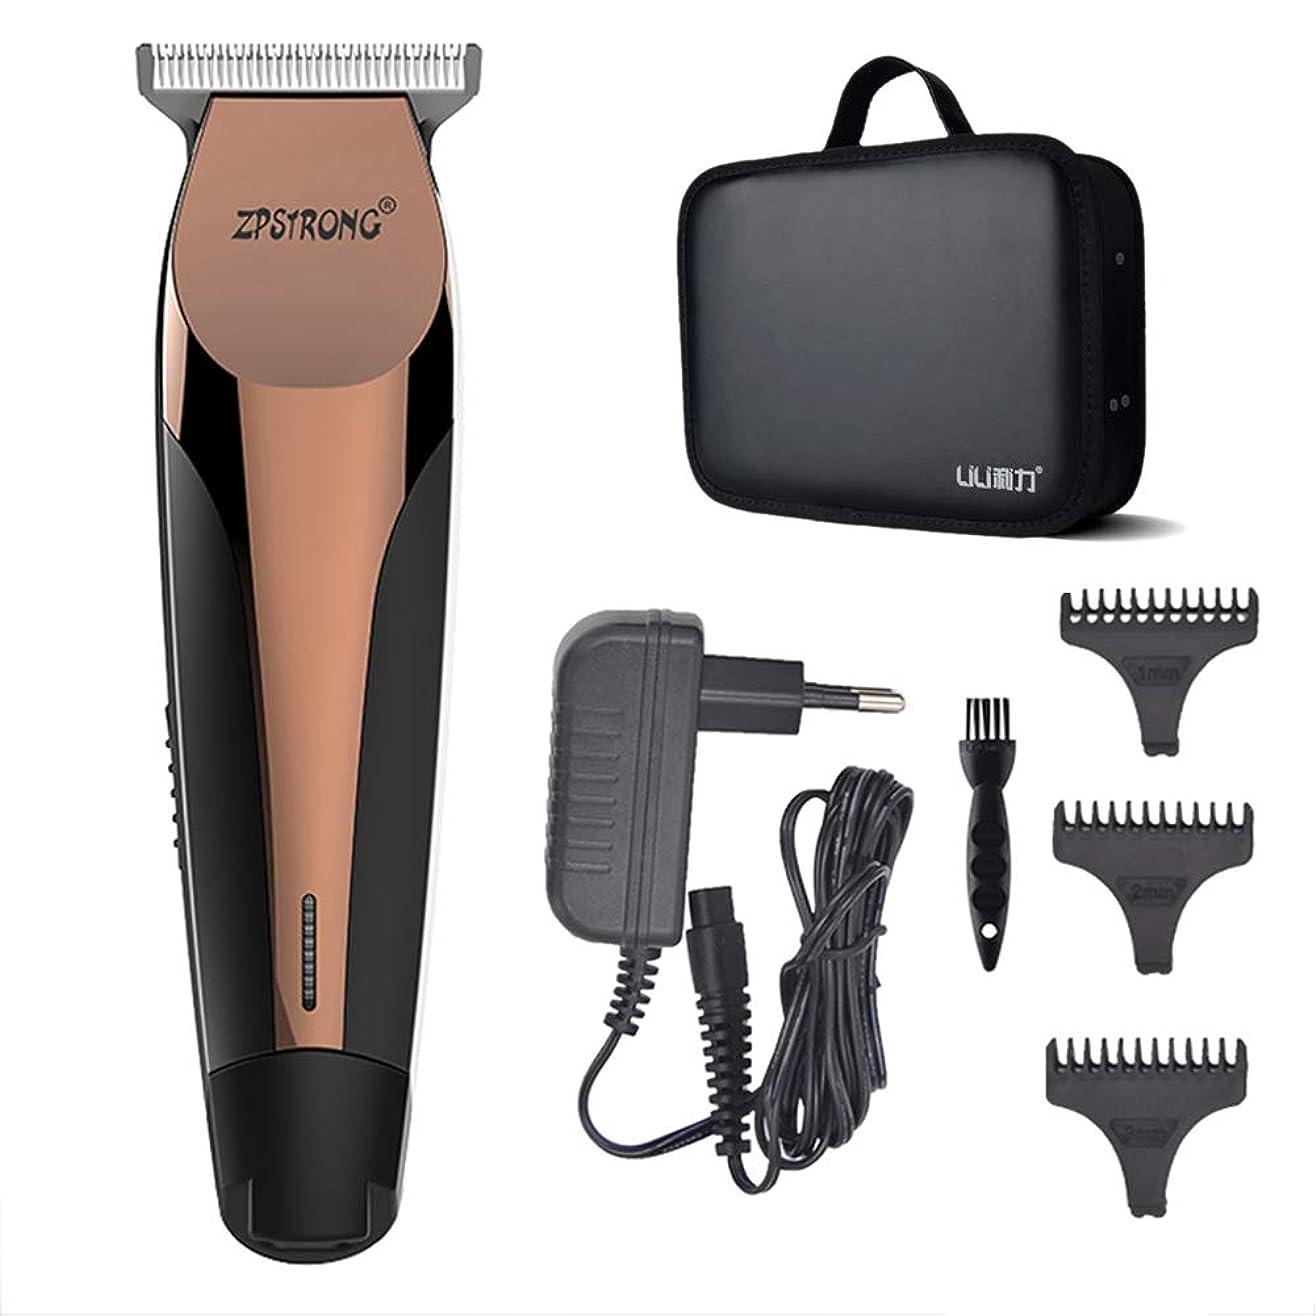 人柄可動式邪魔するバリカン収納ケース付きキャリングケースバッグキット男性のための電気ヘアトリマー髭剃り機0.1ミリメートルカッター理髪散髪ツール100-240ボルト